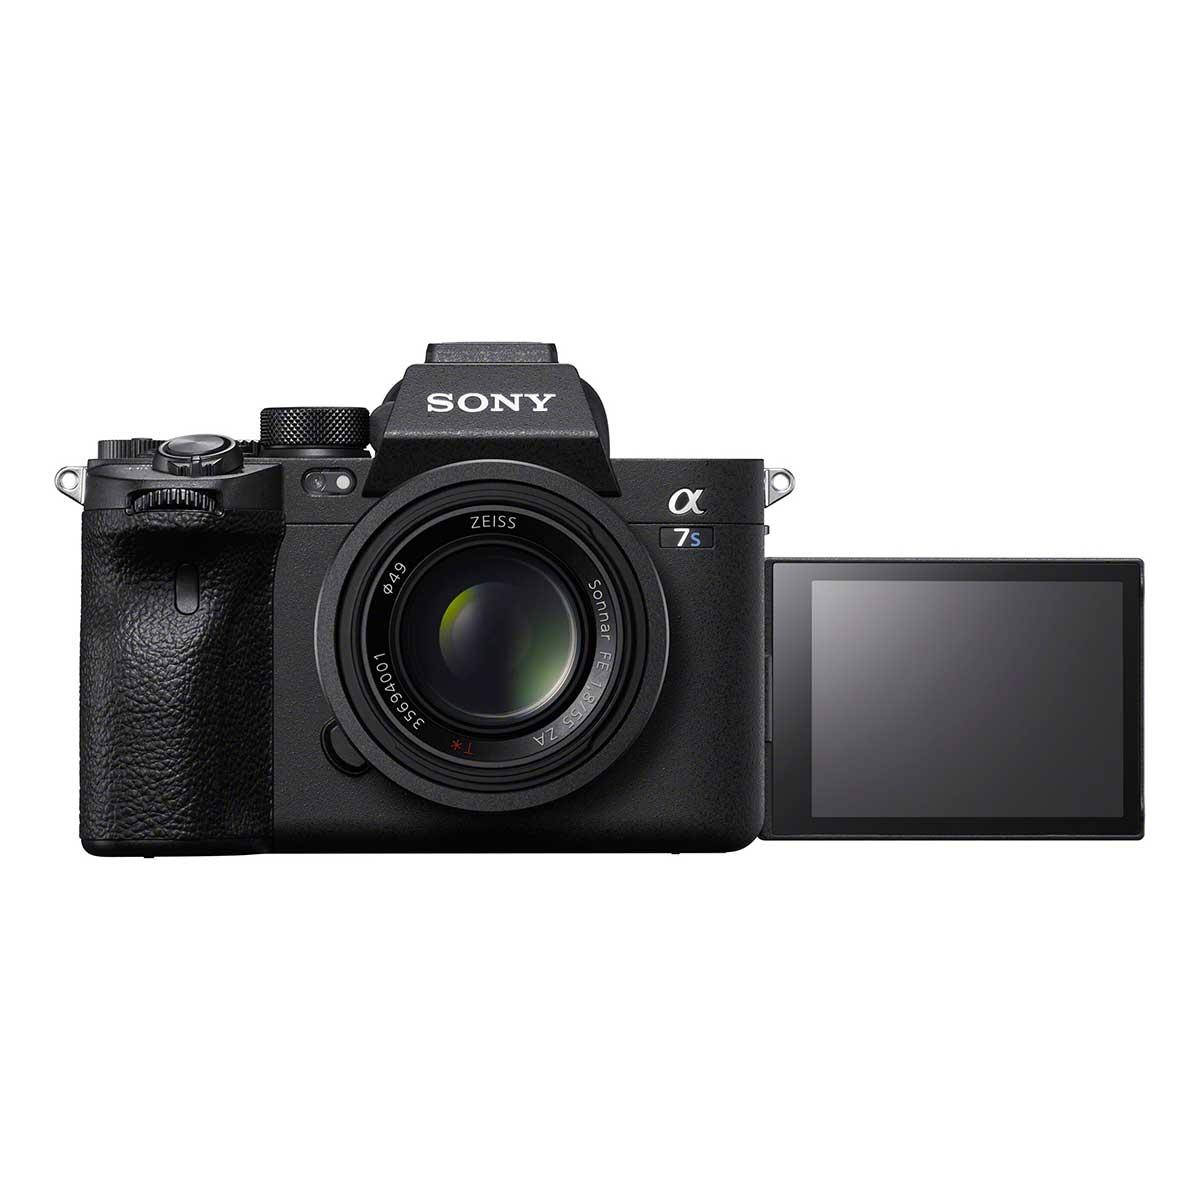 【今週発売の注目製品】ソニーから、40万円のフルサイズミラーレスカメラ「α7S III」が発売